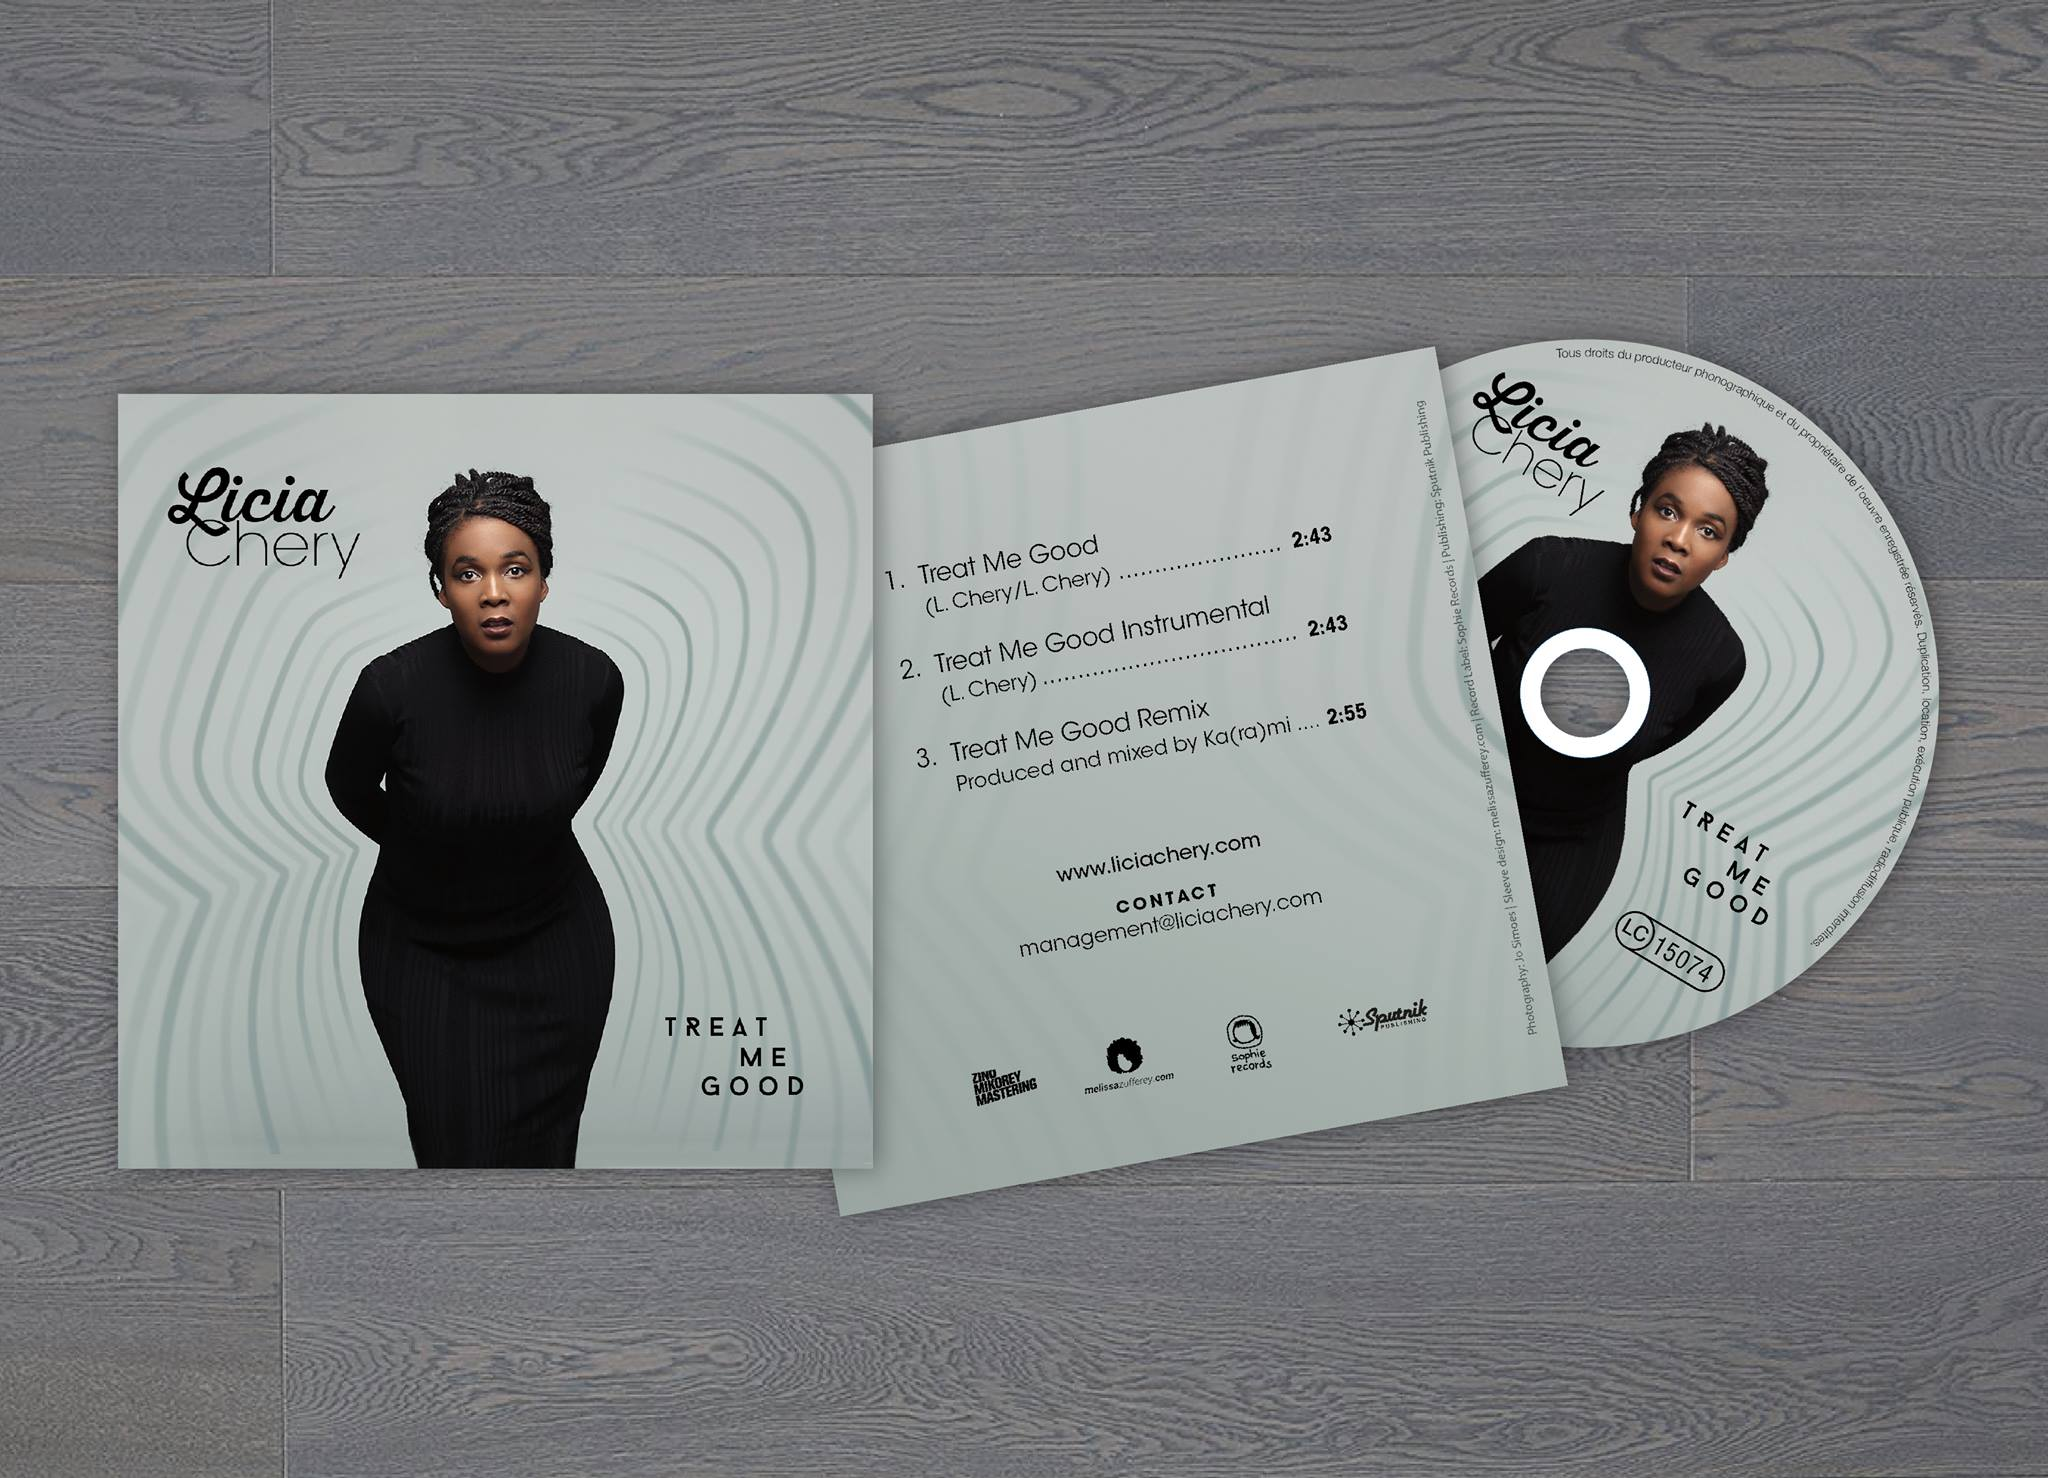 thepurpleside-graphiste-freelance-geneve-licia-chery-pochette-cd